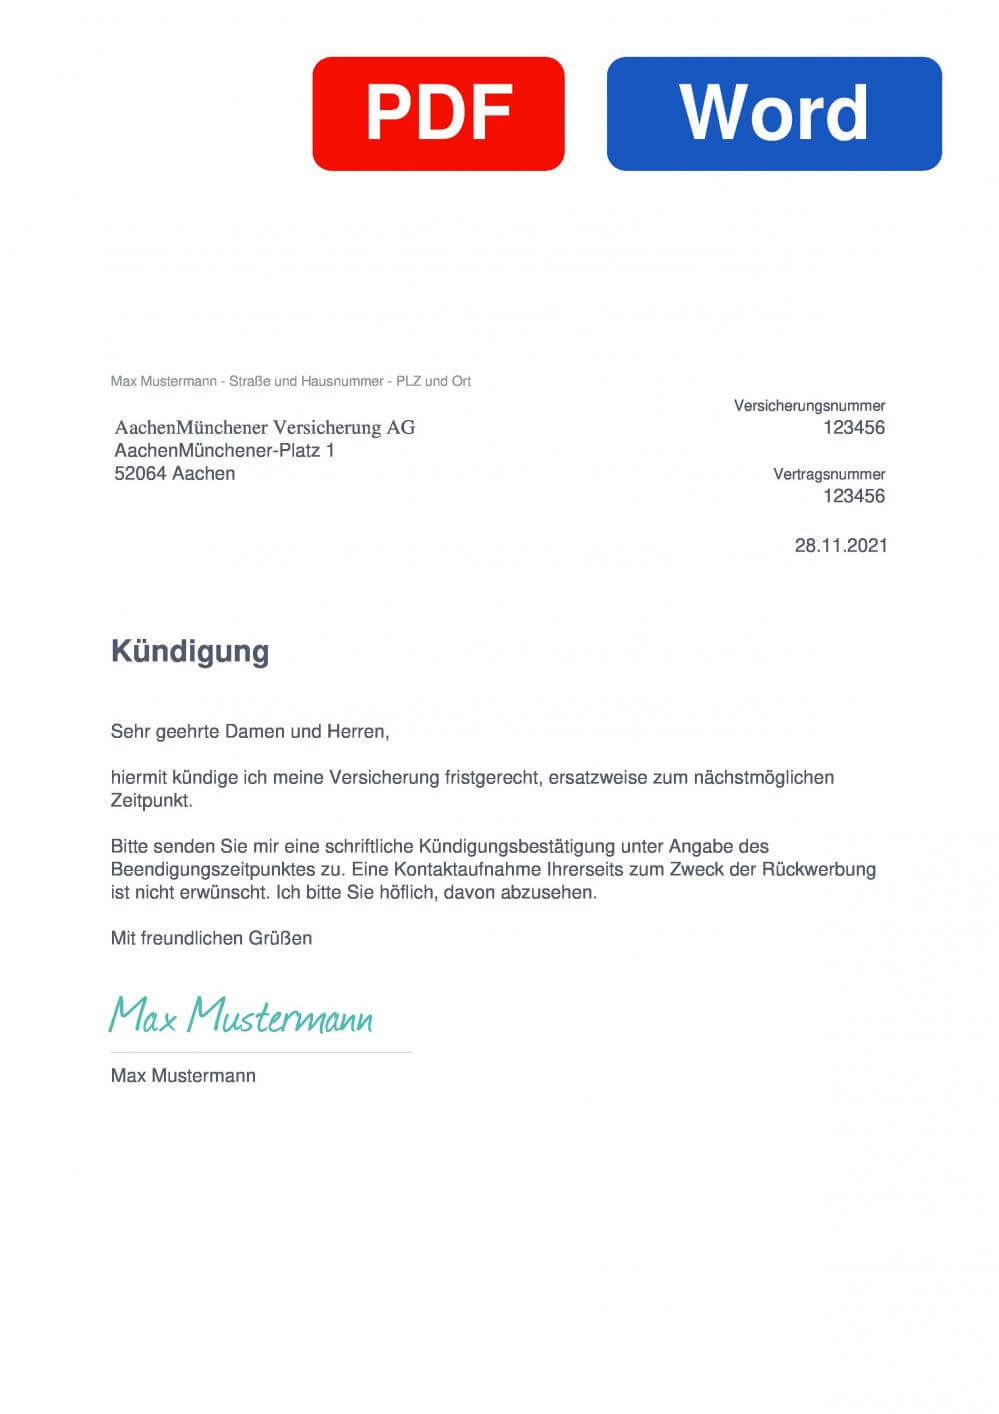 AachenMünchener Muster Vorlage für Kündigungsschreiben